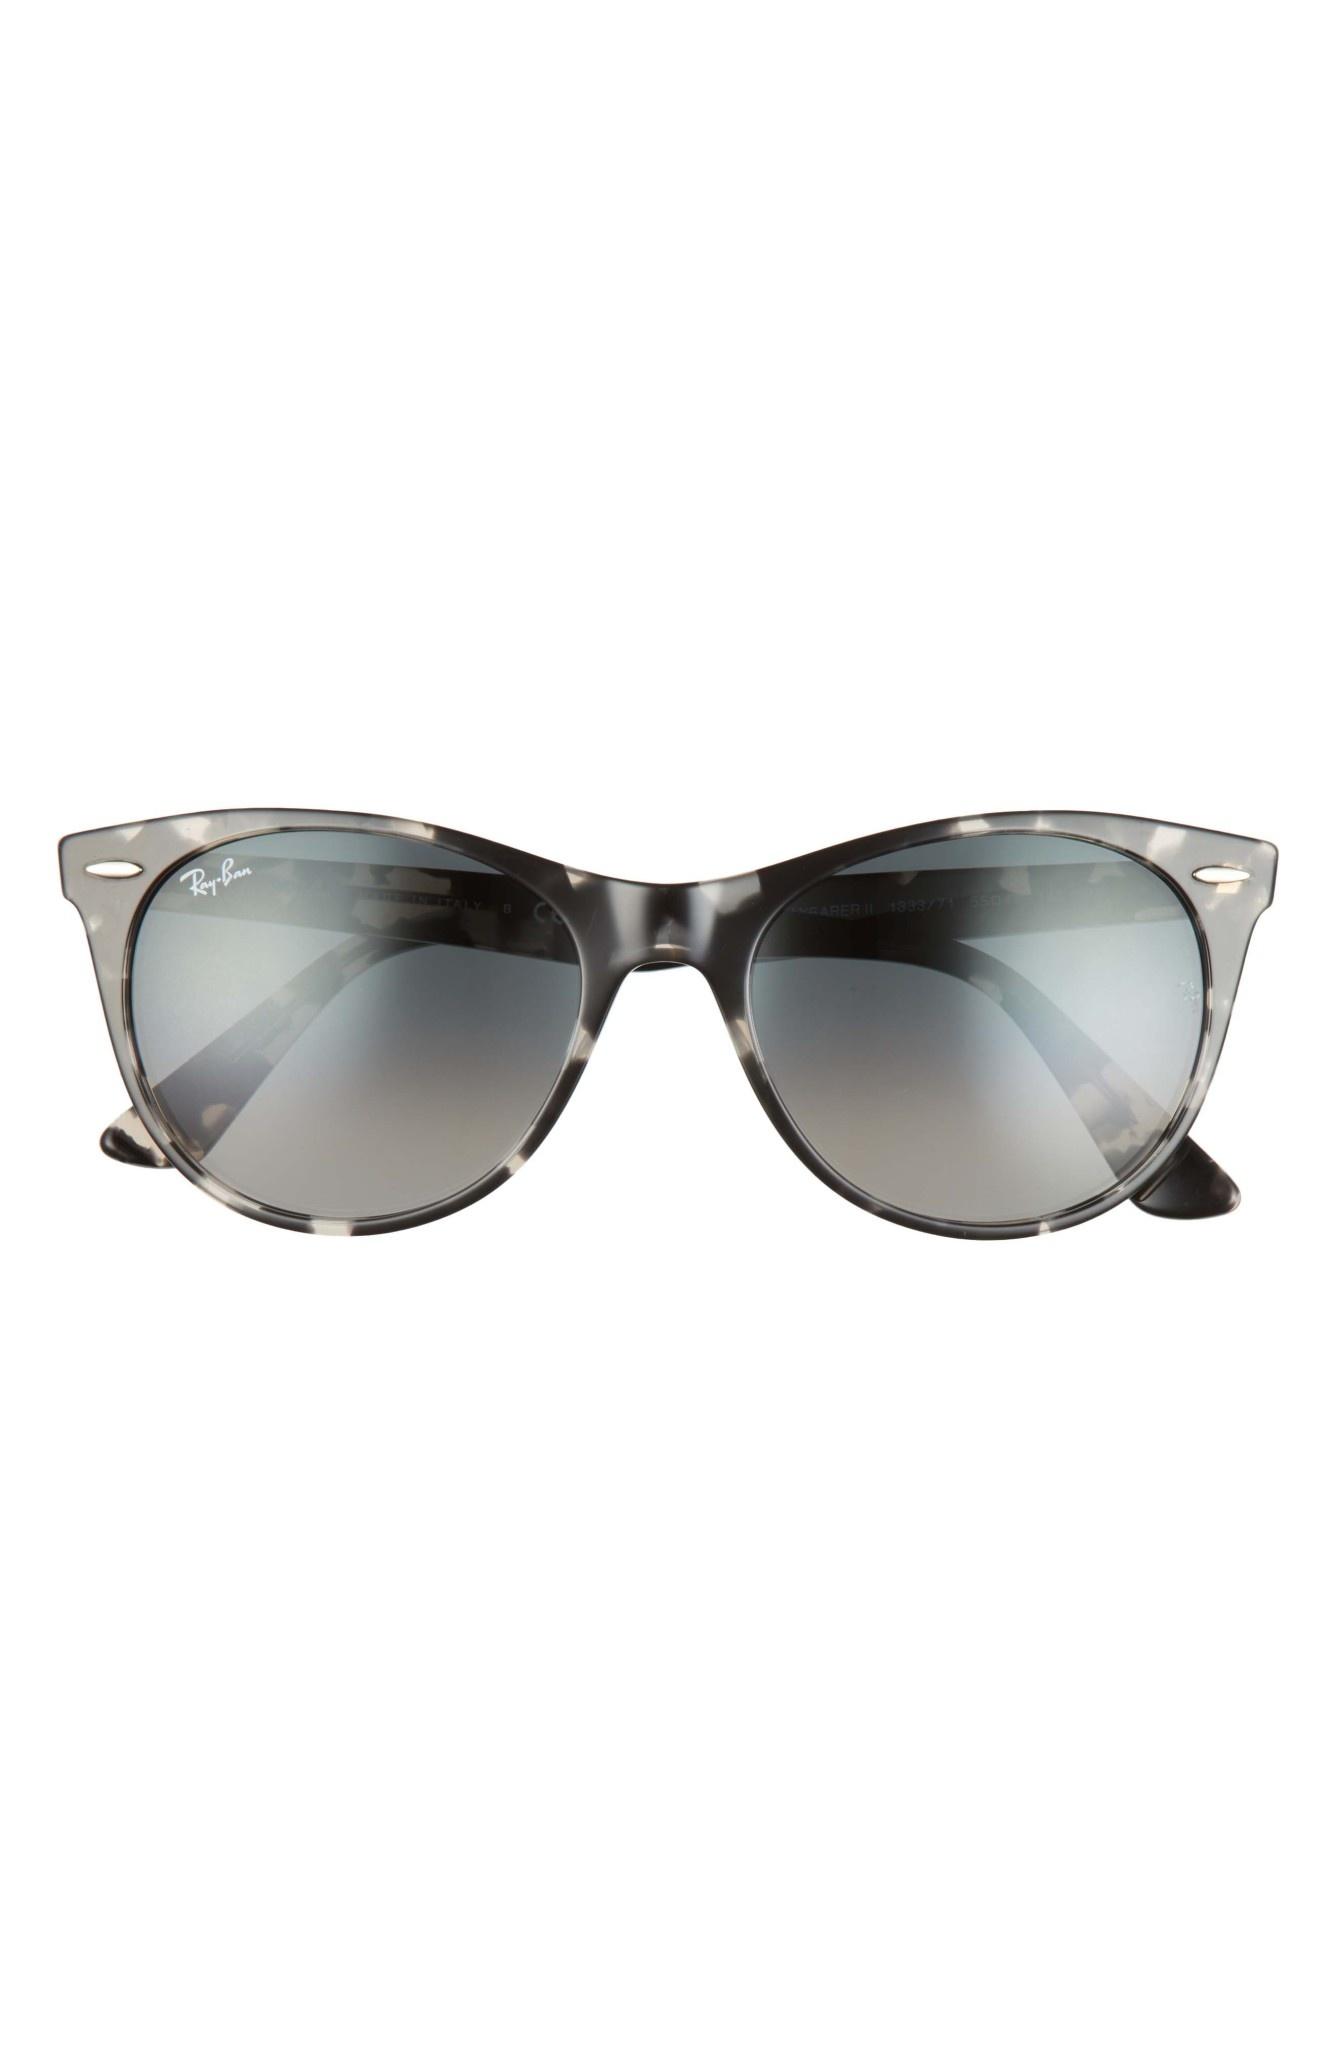 Wayfarer II Gray Havana/Grey Gradients